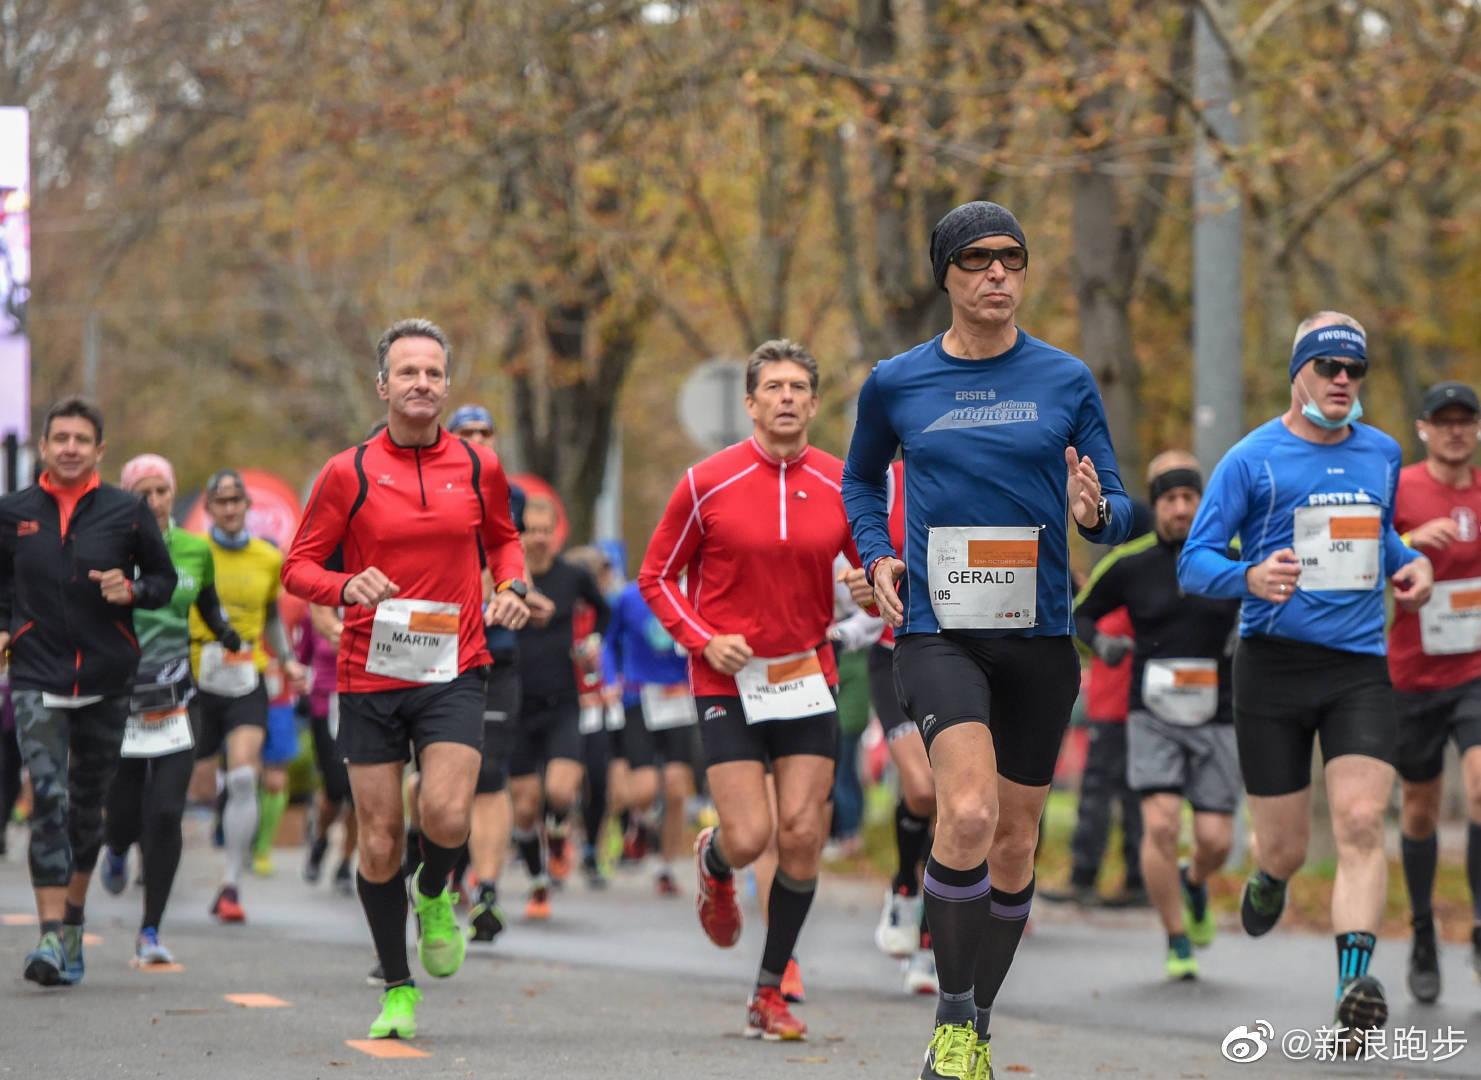 昨天是基普乔格破2一周年,维也纳在当时的场地举办了一场跑步活动